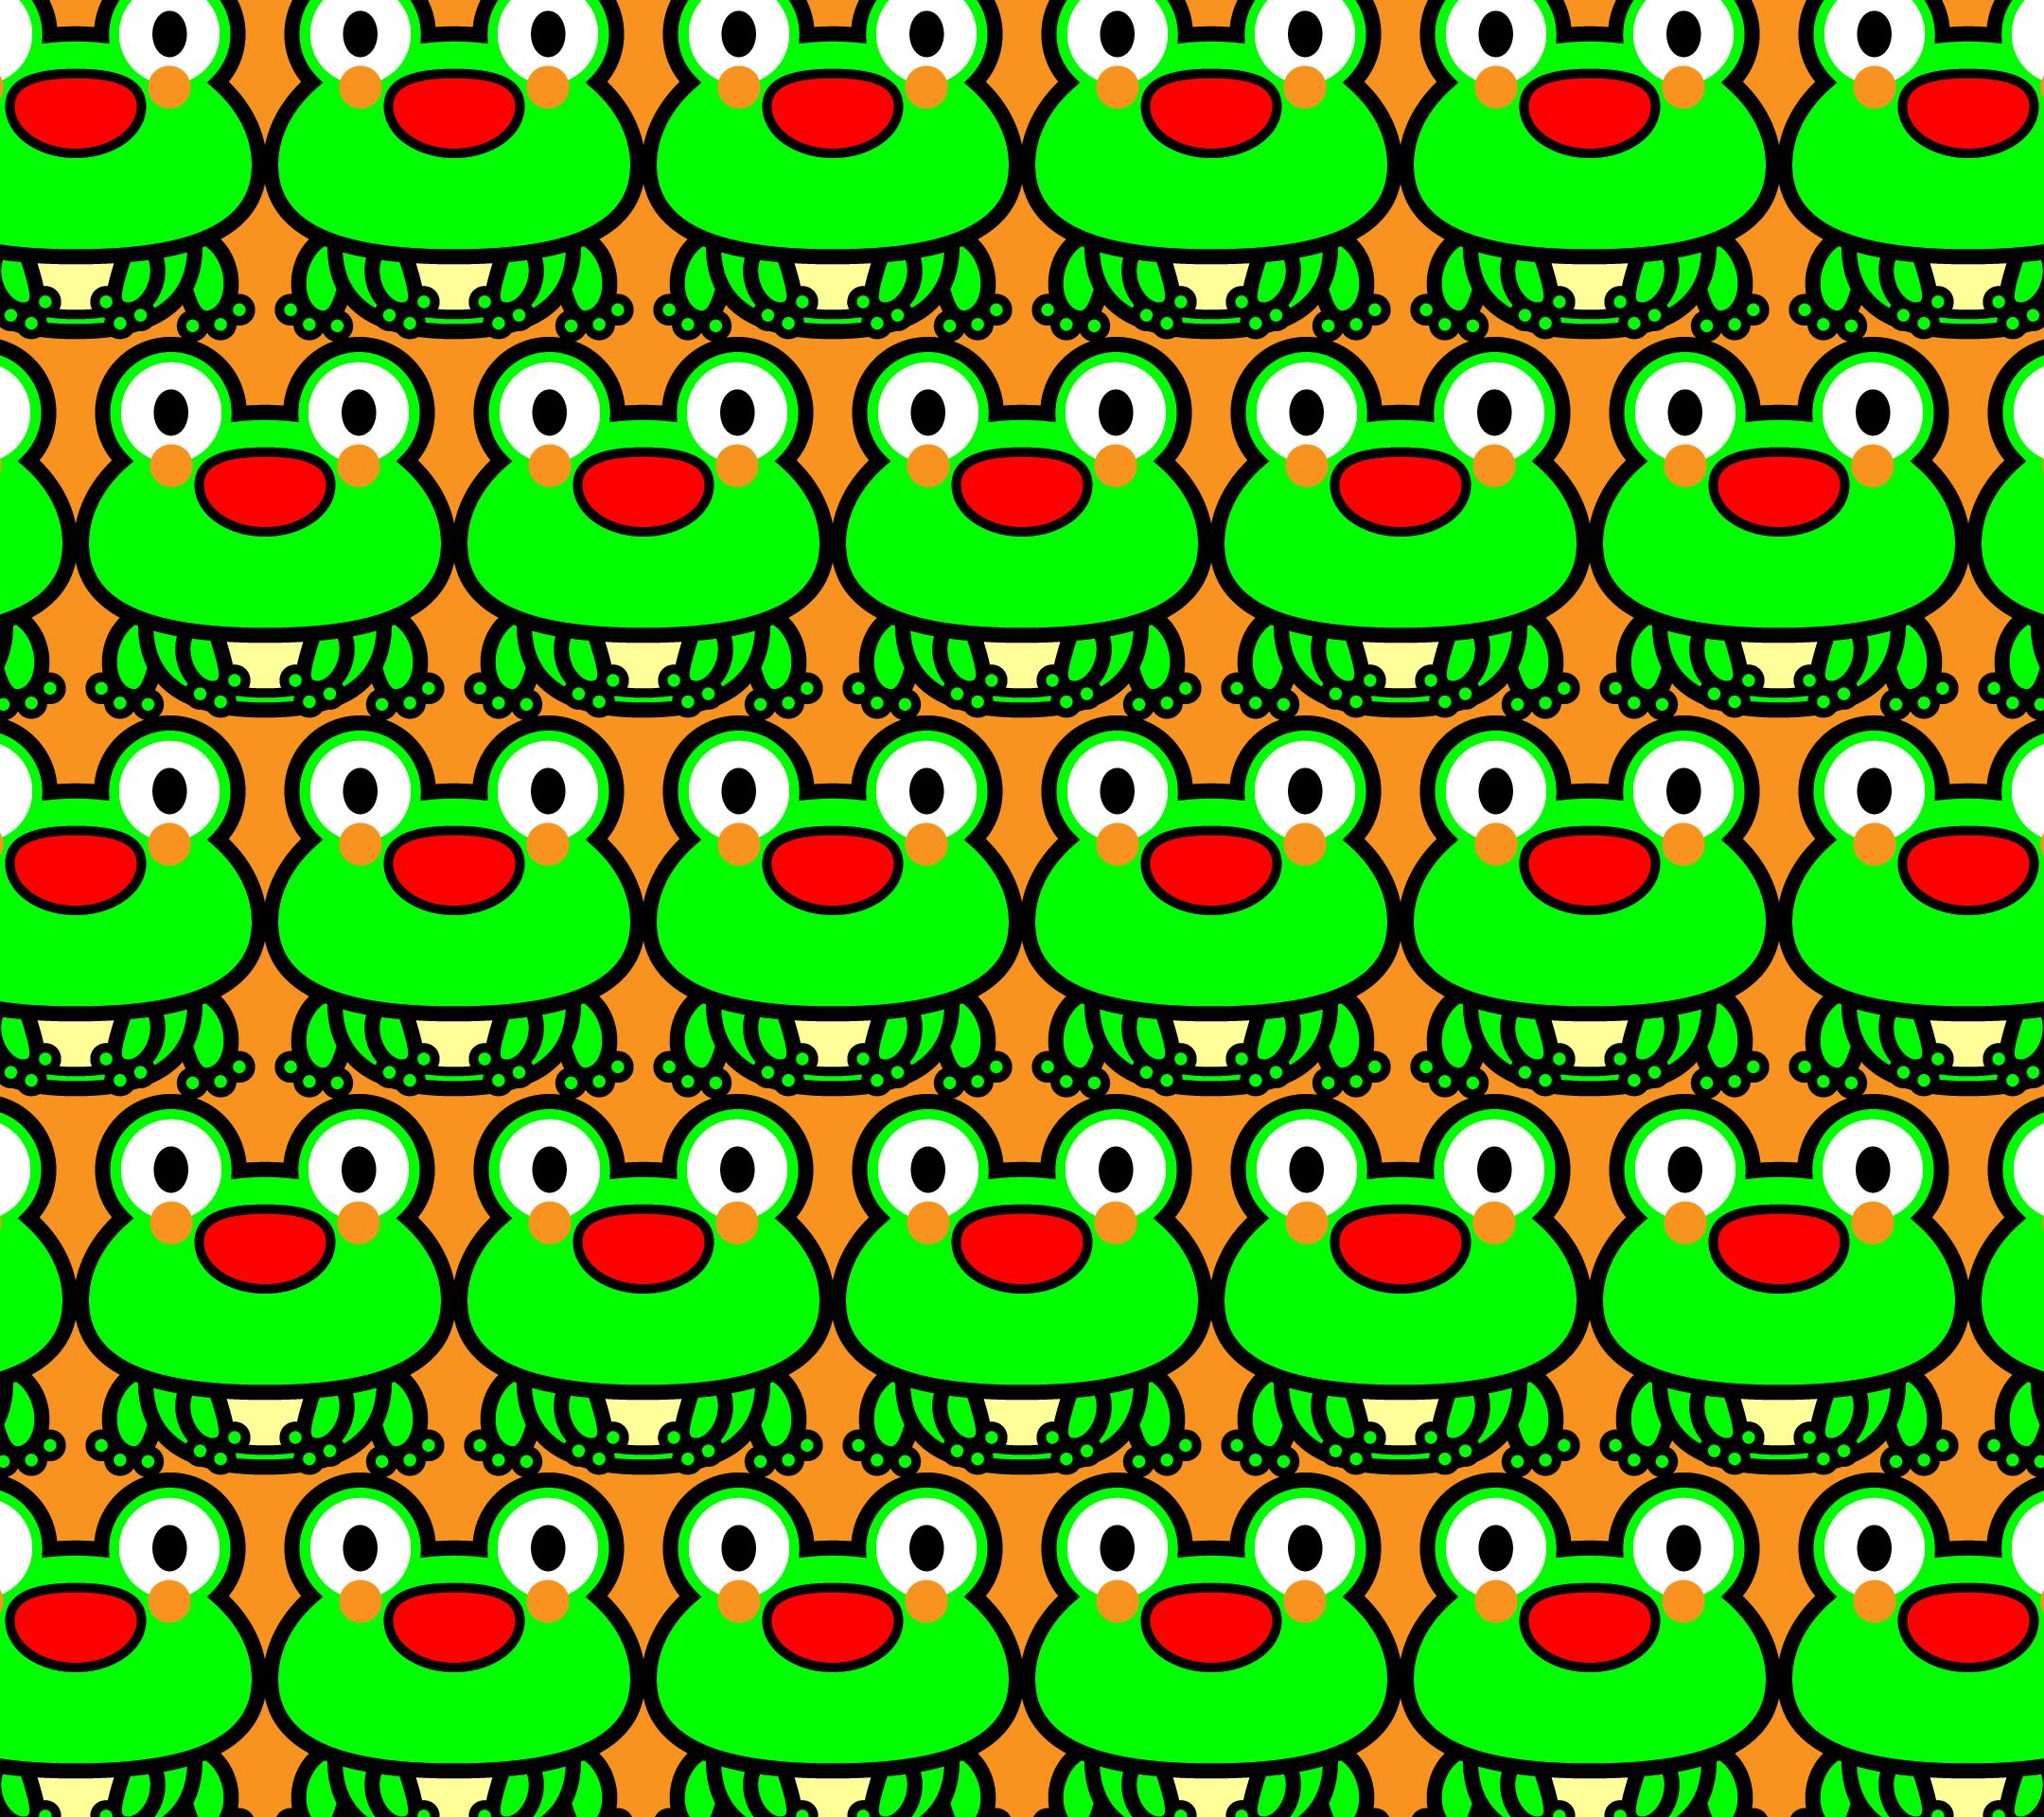 かわいい座りカエルづくし・壁紙(Android)の無料イラスト・商用フリー